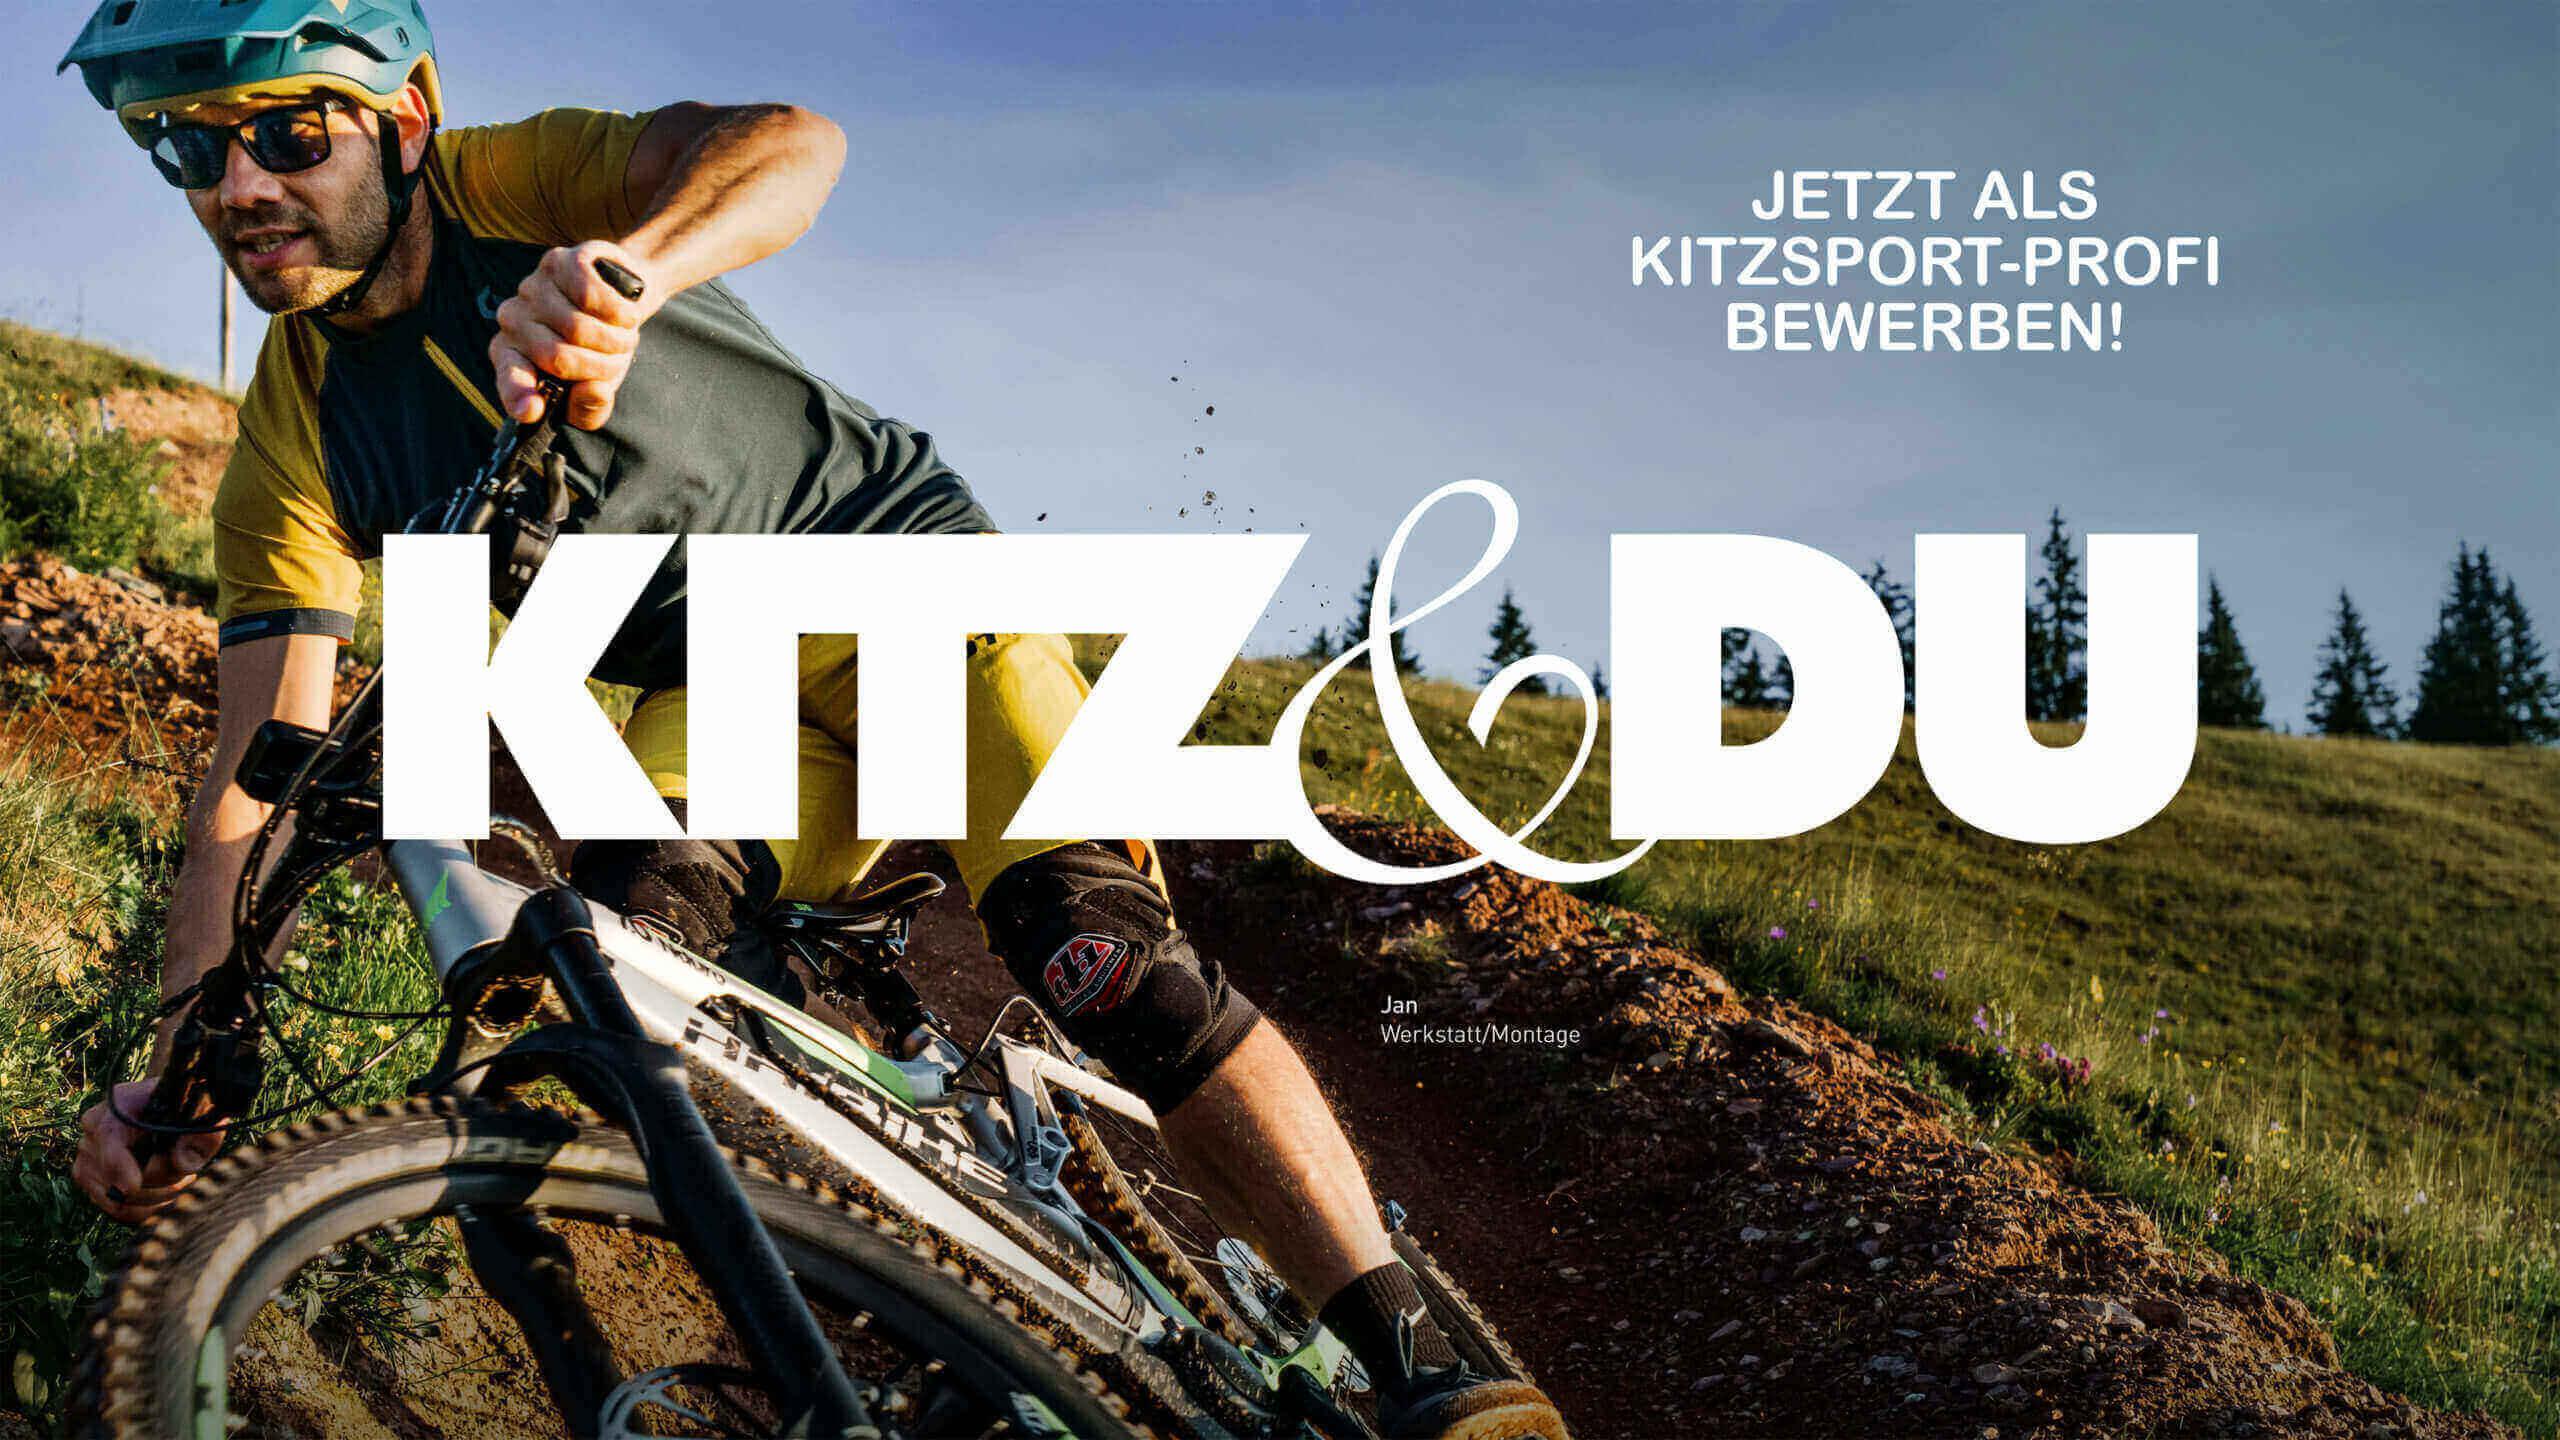 Kitzsport_kitzunddu_bike